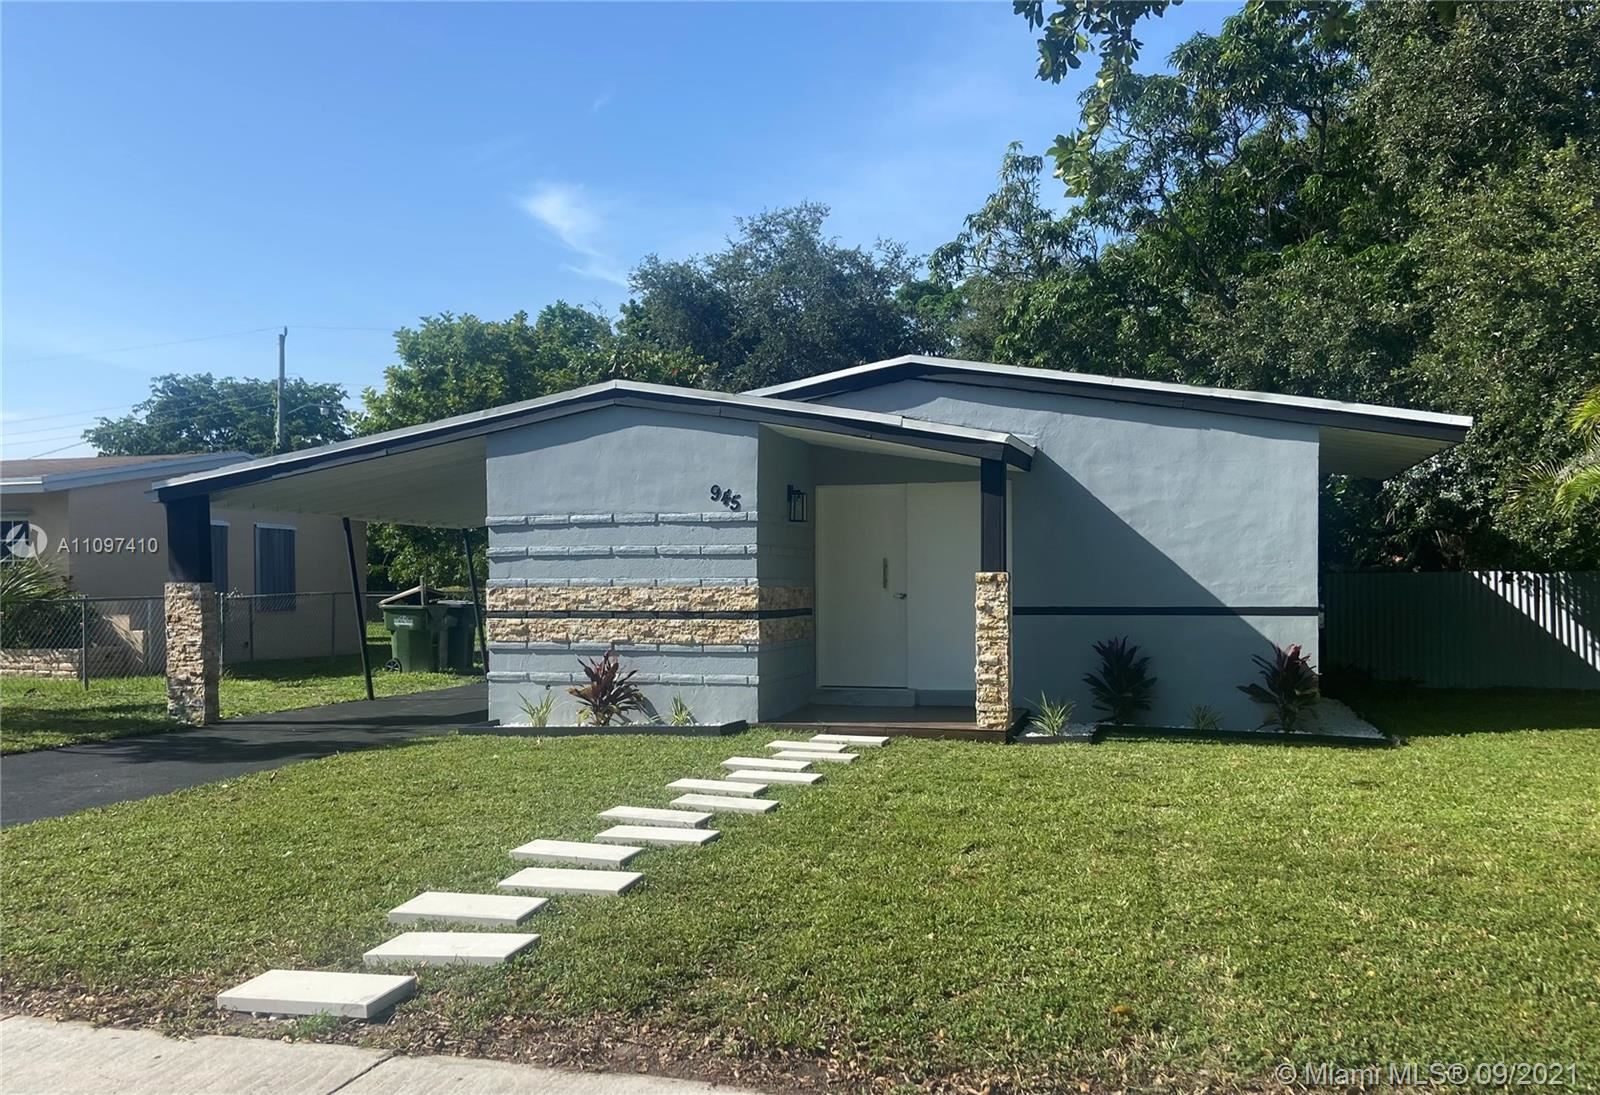 945 NW 131st St, North Miami, FL 33168 - #: A11097410